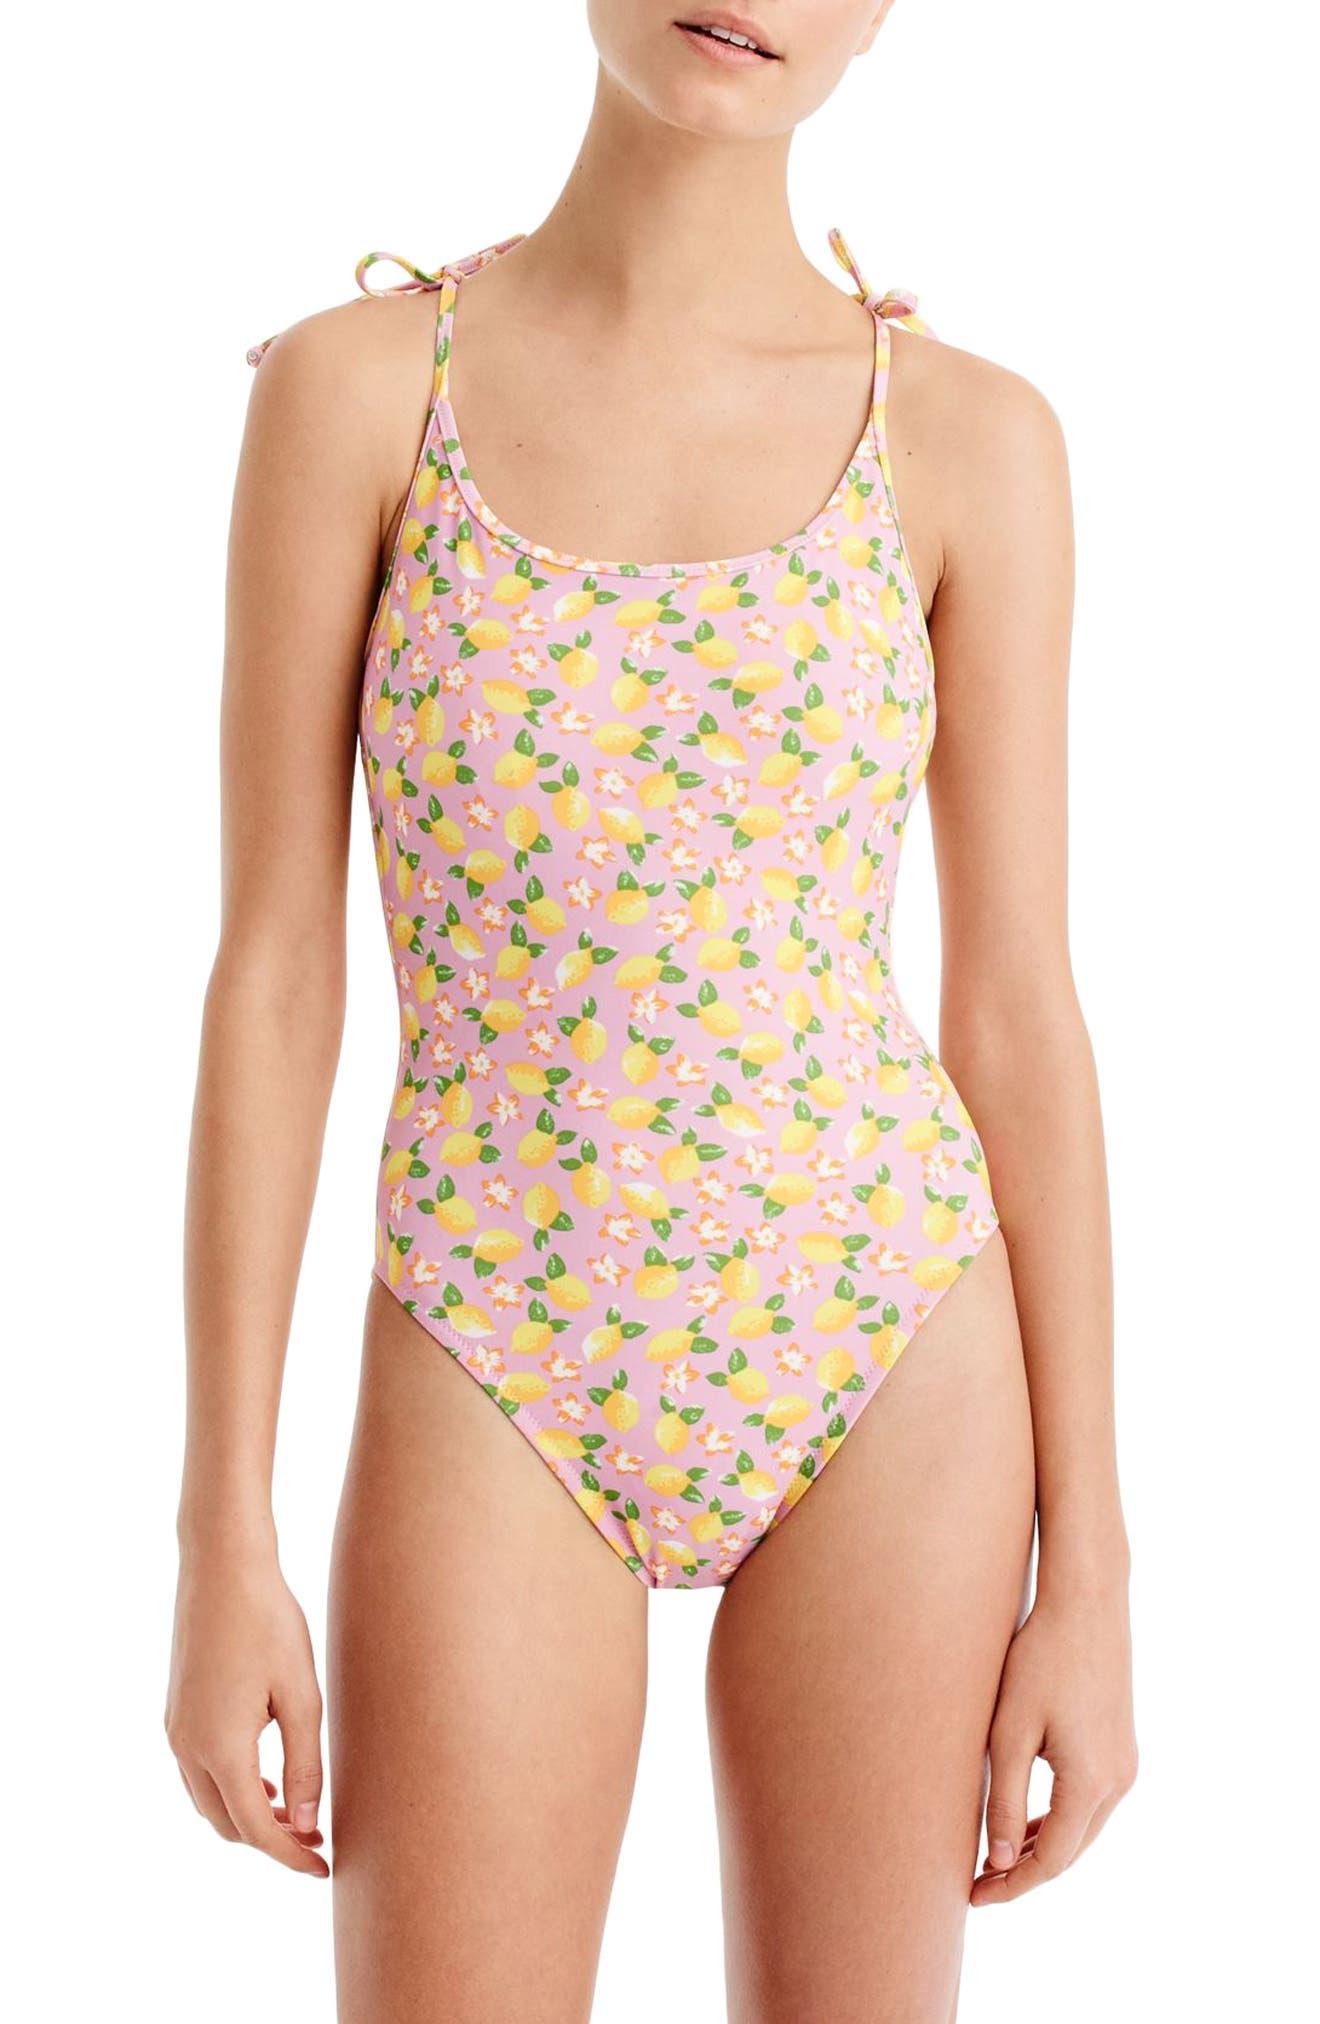 J.Crew Lemon Print One-Piece Swimsuit,                         Main,                         color, Lemon Multi